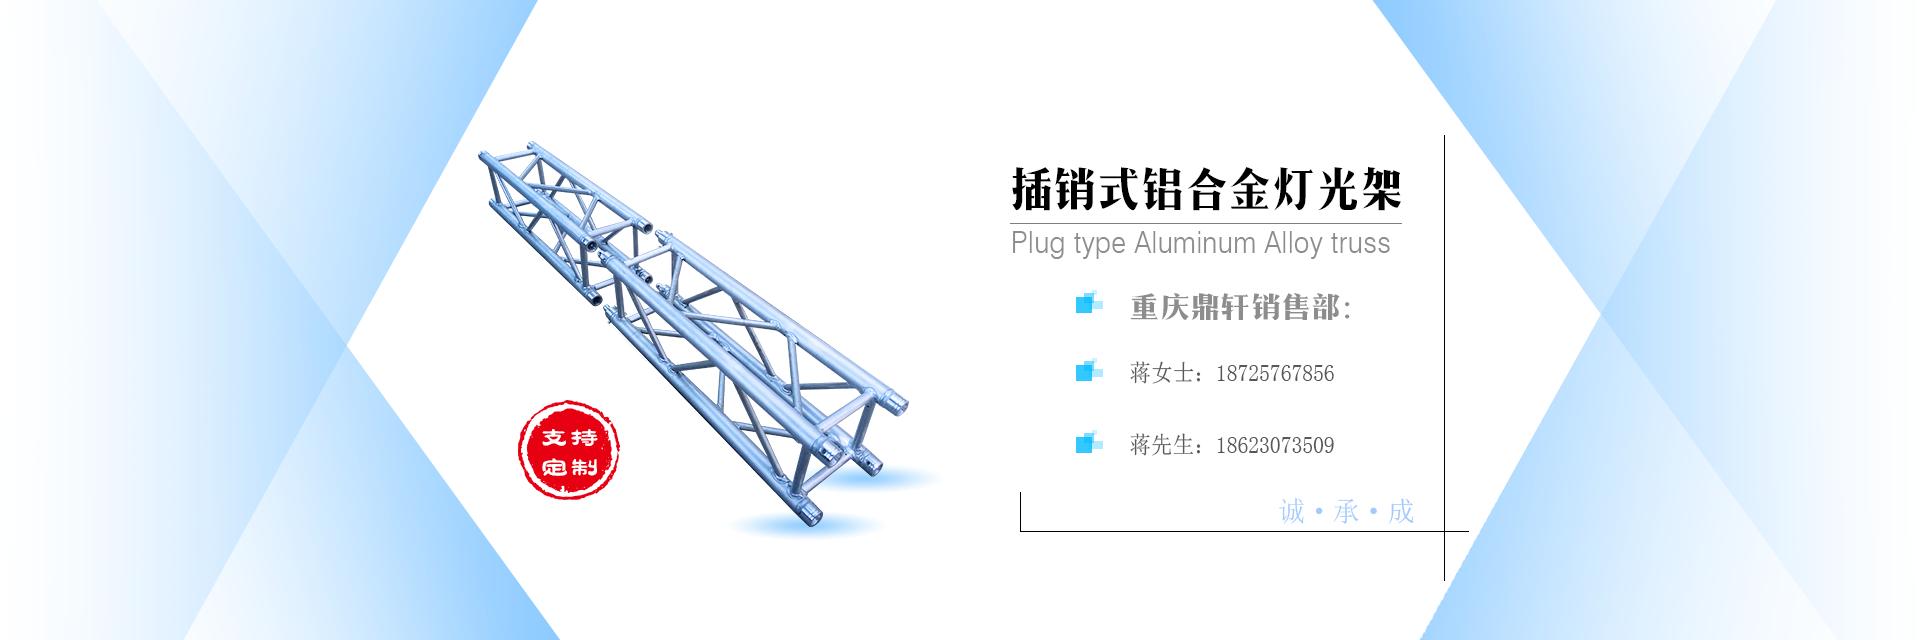 重庆鼎轩广告传媒有限公司